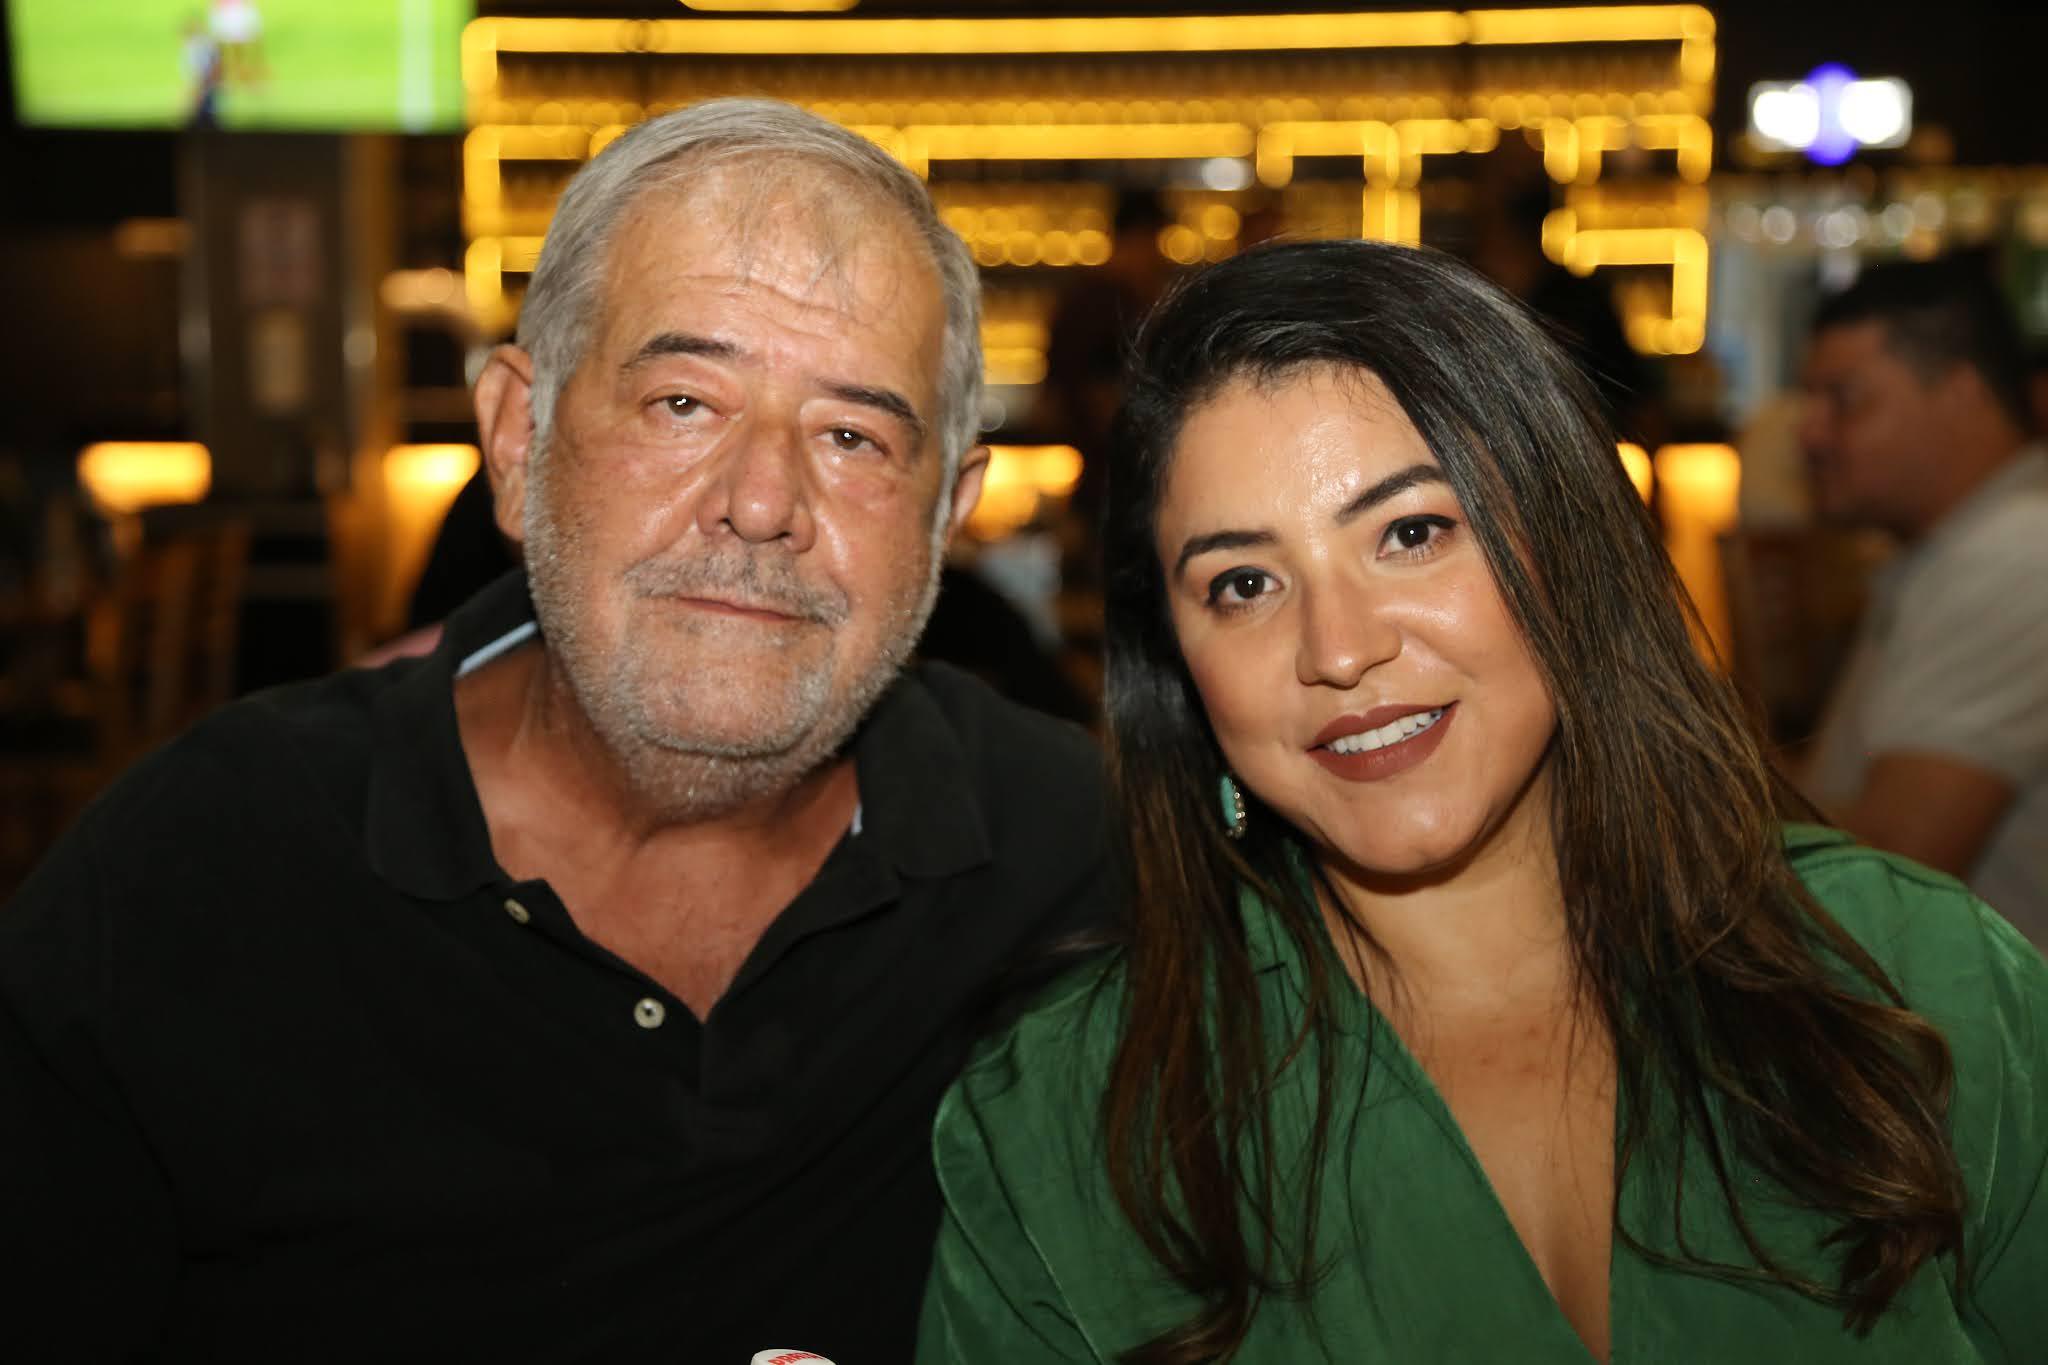 Honoris Causa em Brasília com programação musical eclética e promoções no happy hour